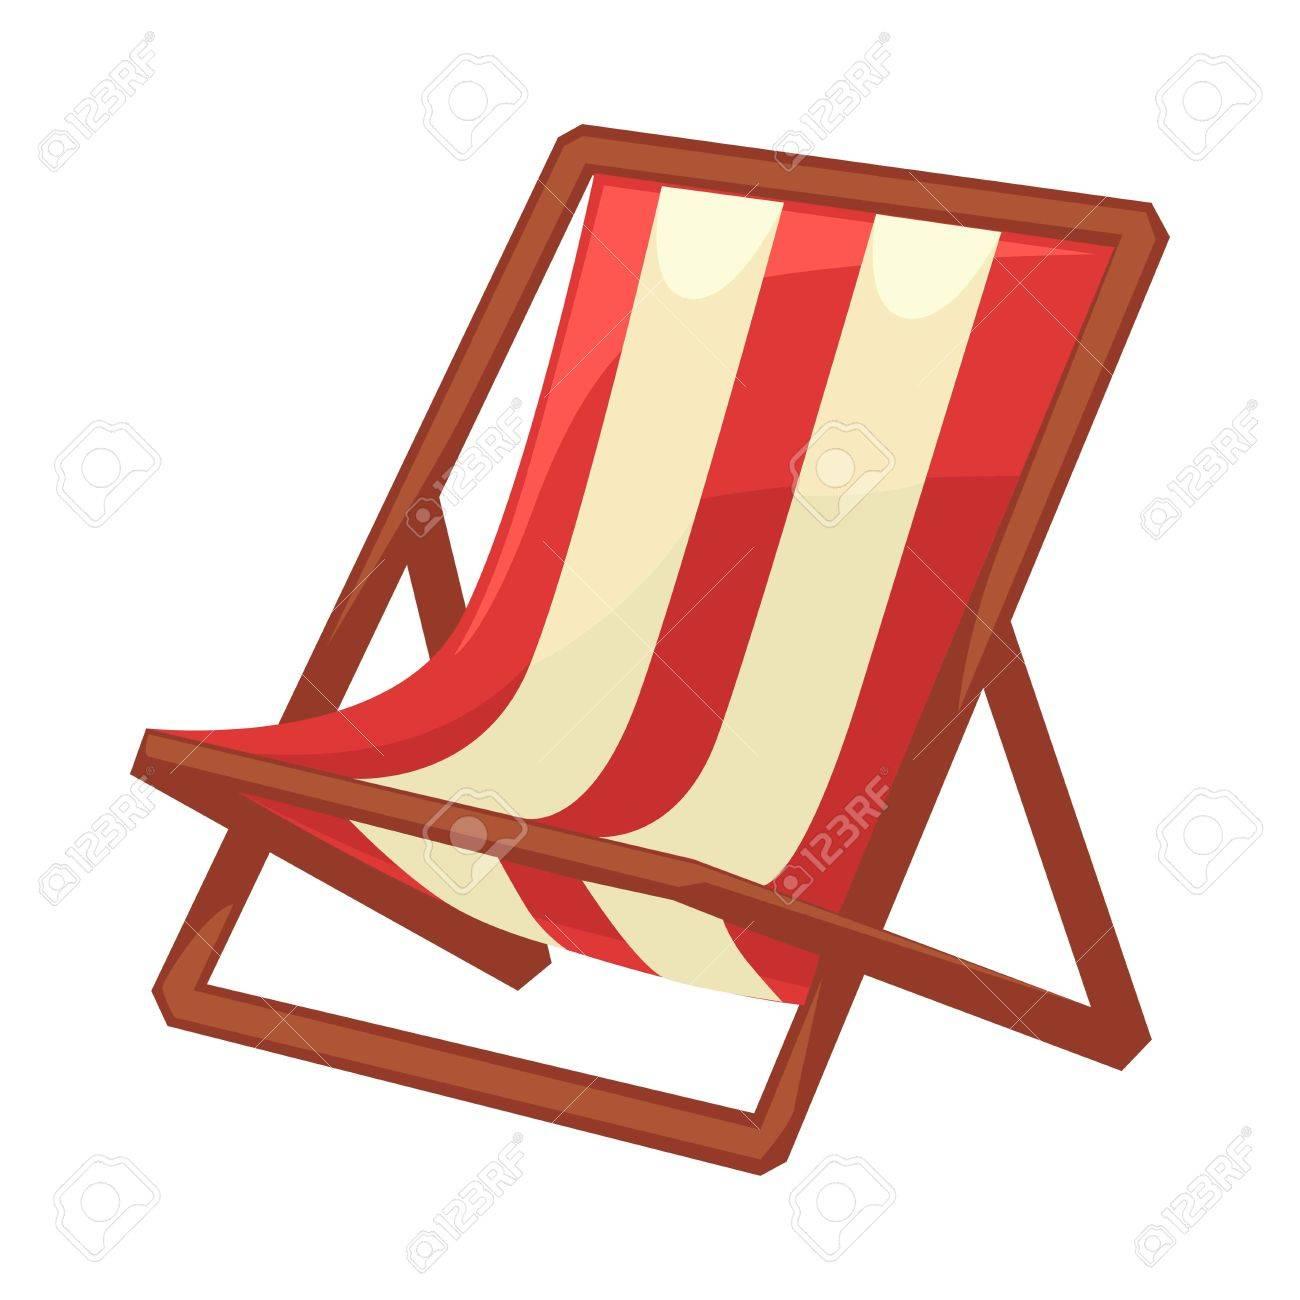 Chaise Longue Pliante Avec Tissu Raye Et Carcasses De Bois Sur Blanc